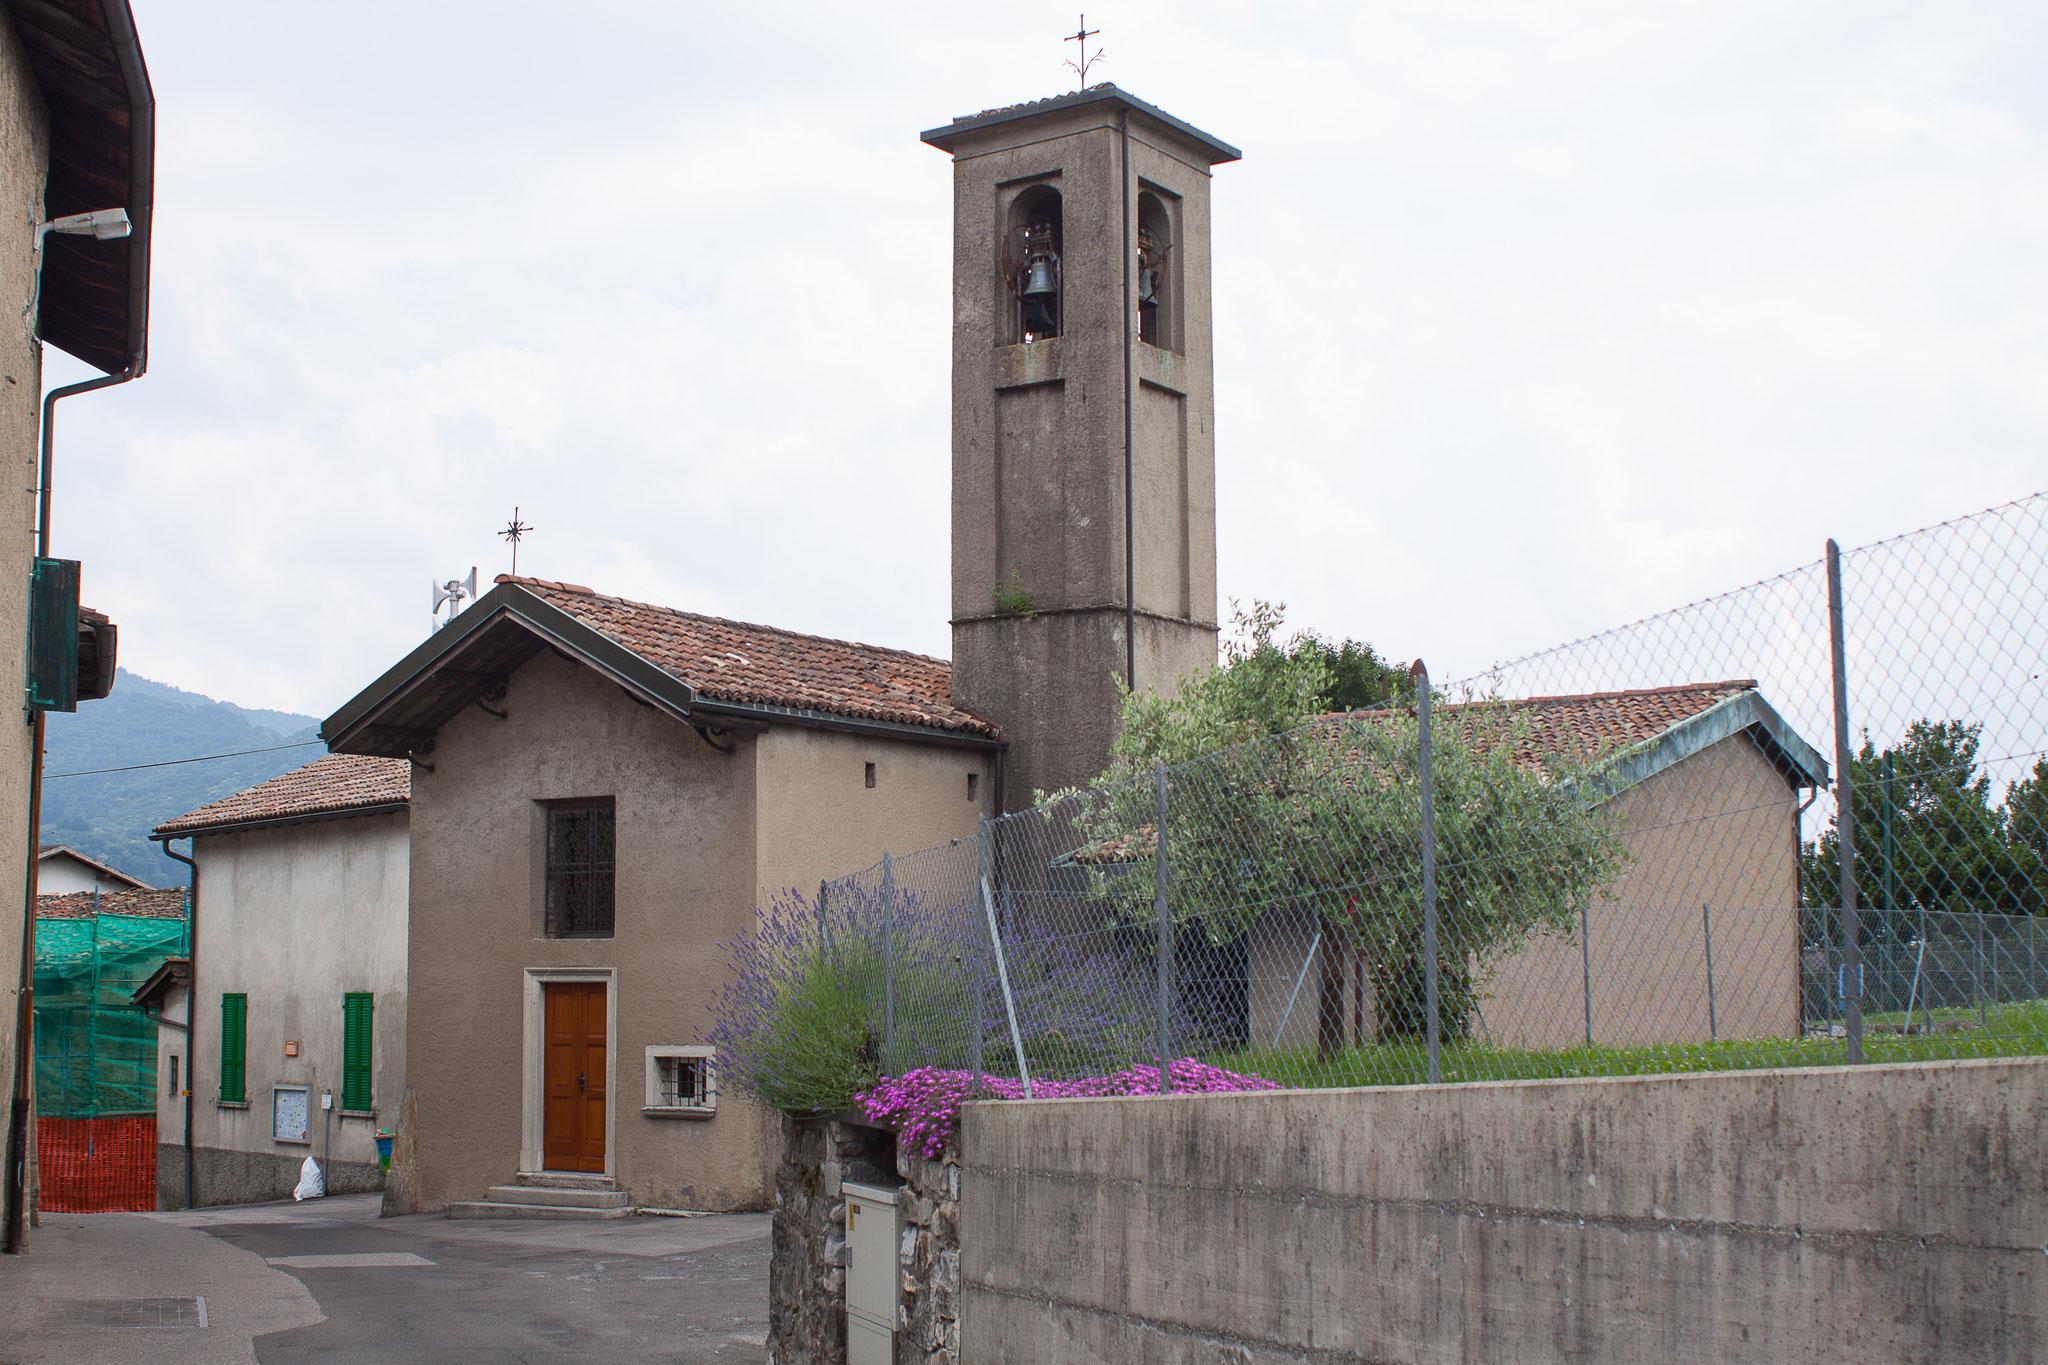 Chiesa di San Nicola da Tolentino / frazione di Corteglia